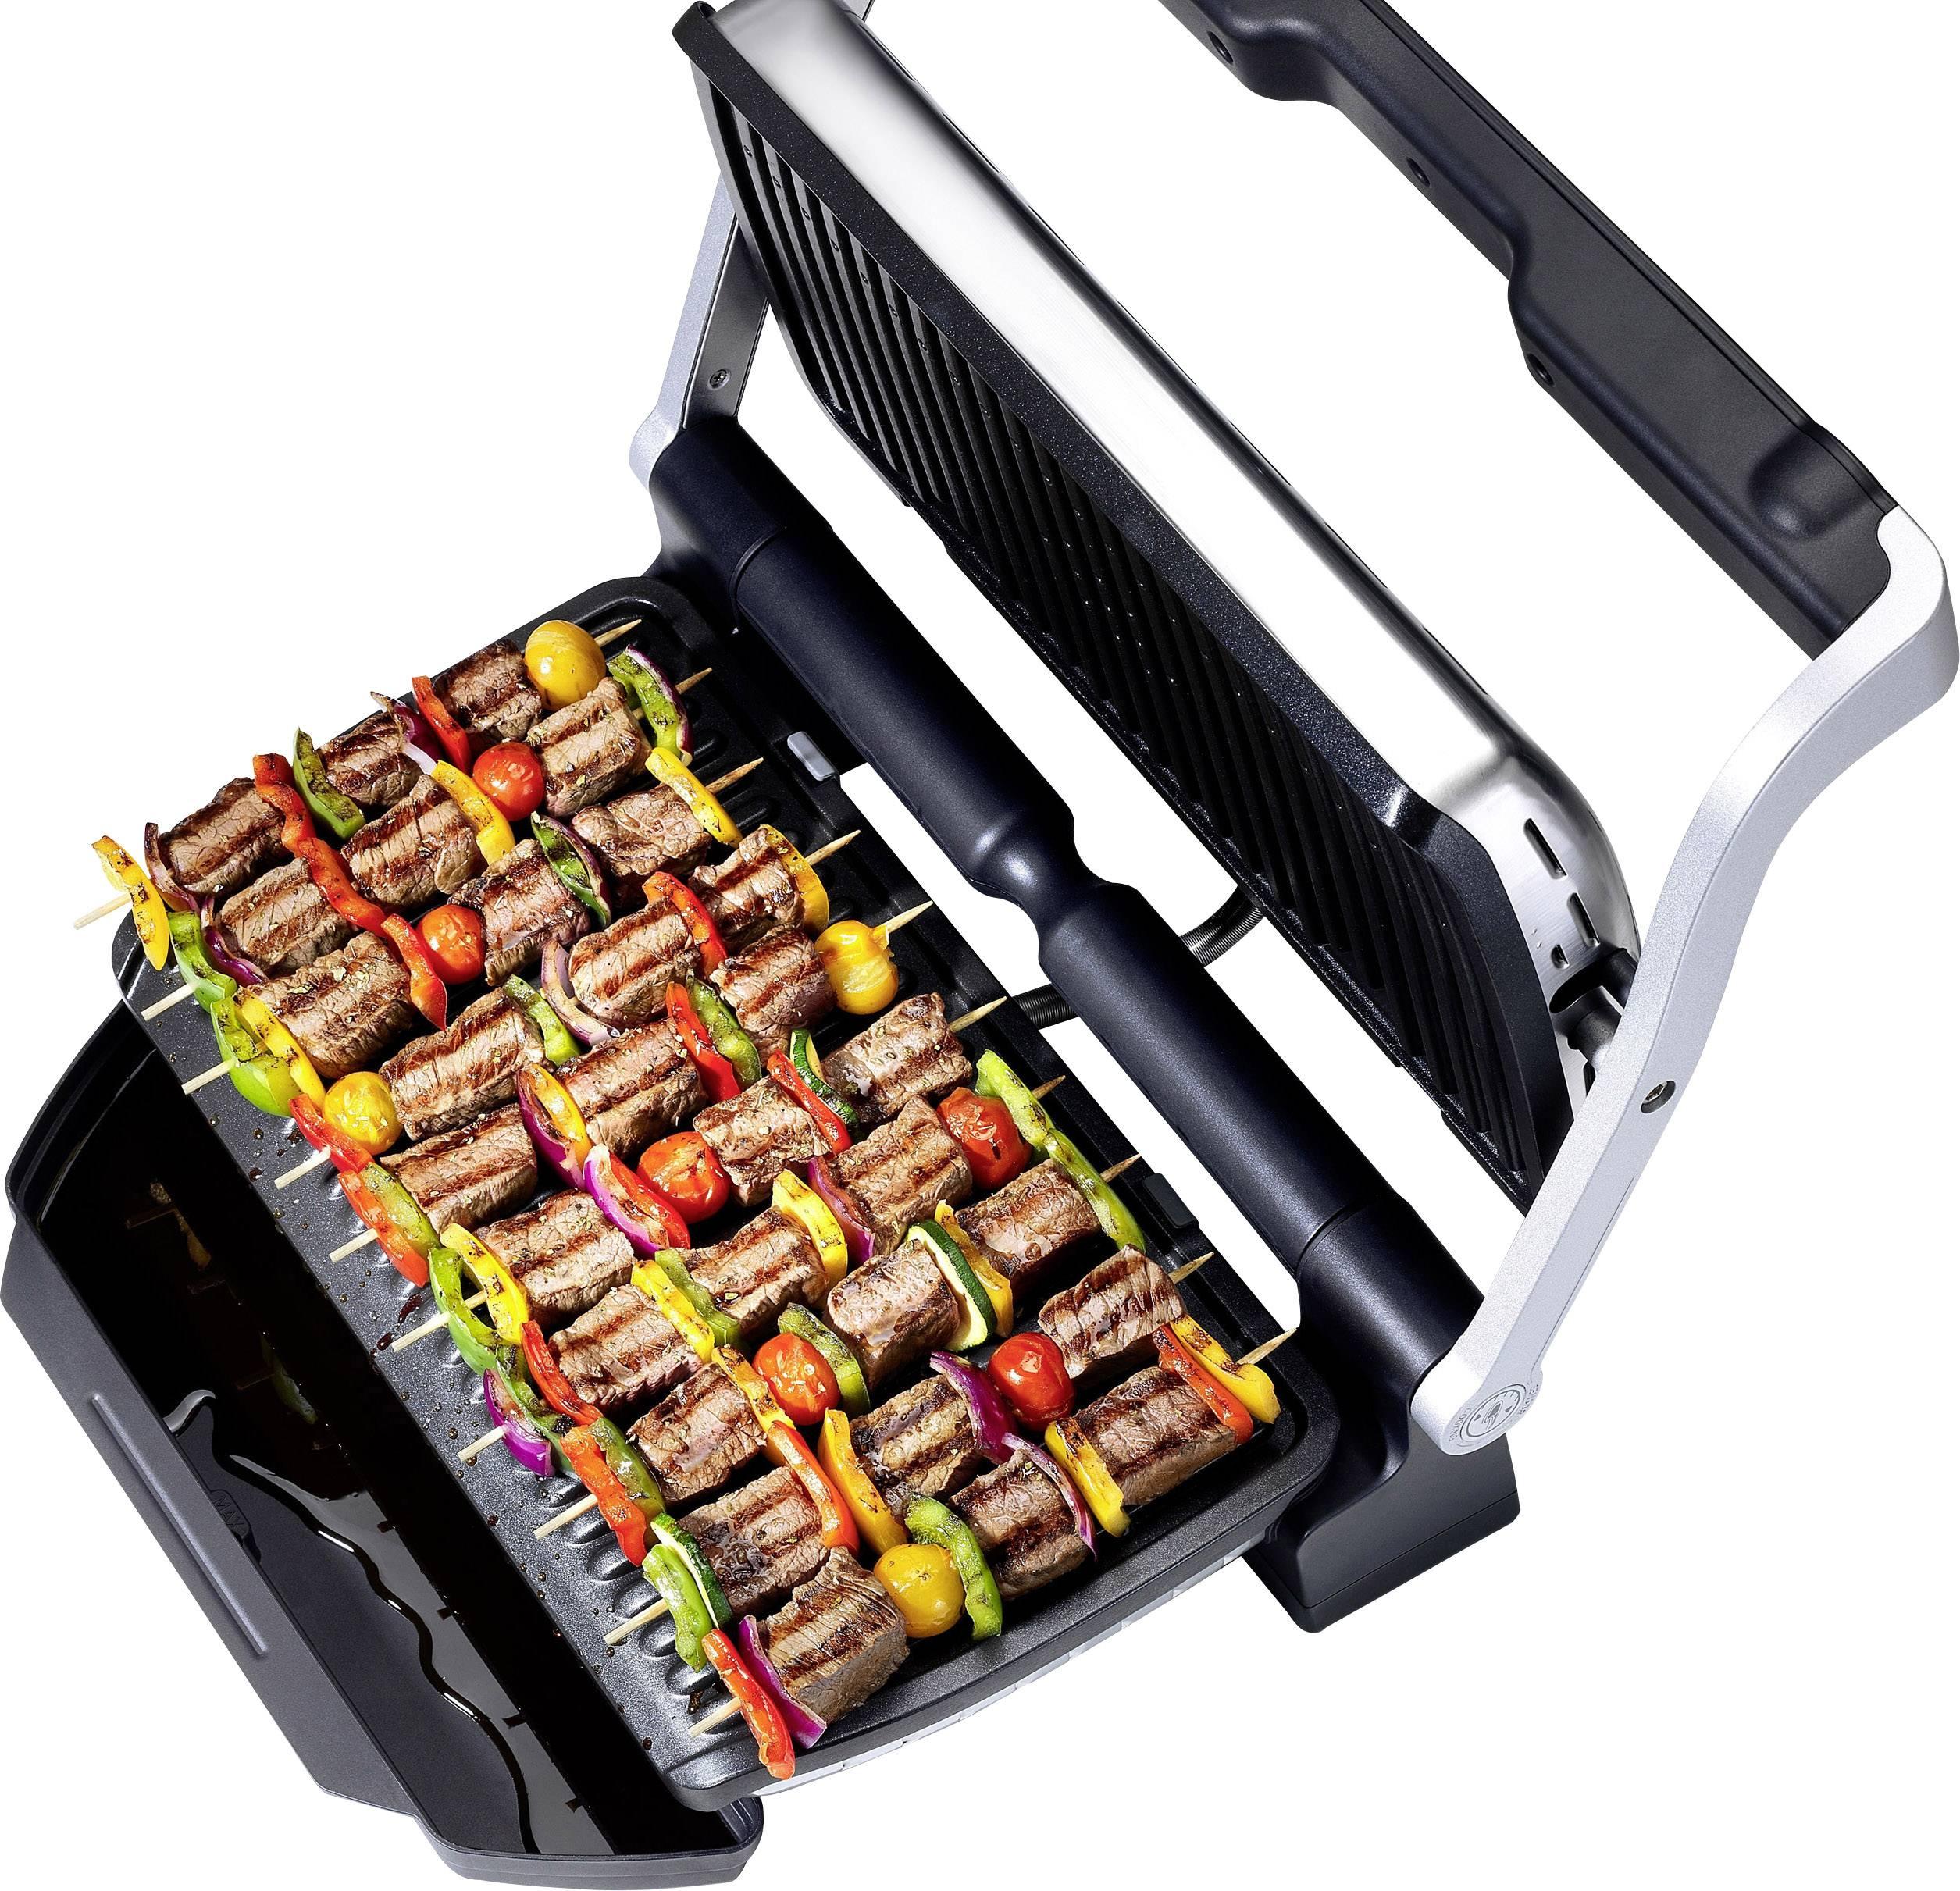 Tefal Optigrill + XL Elektrisk Klämgrill  422fc35dcccd7